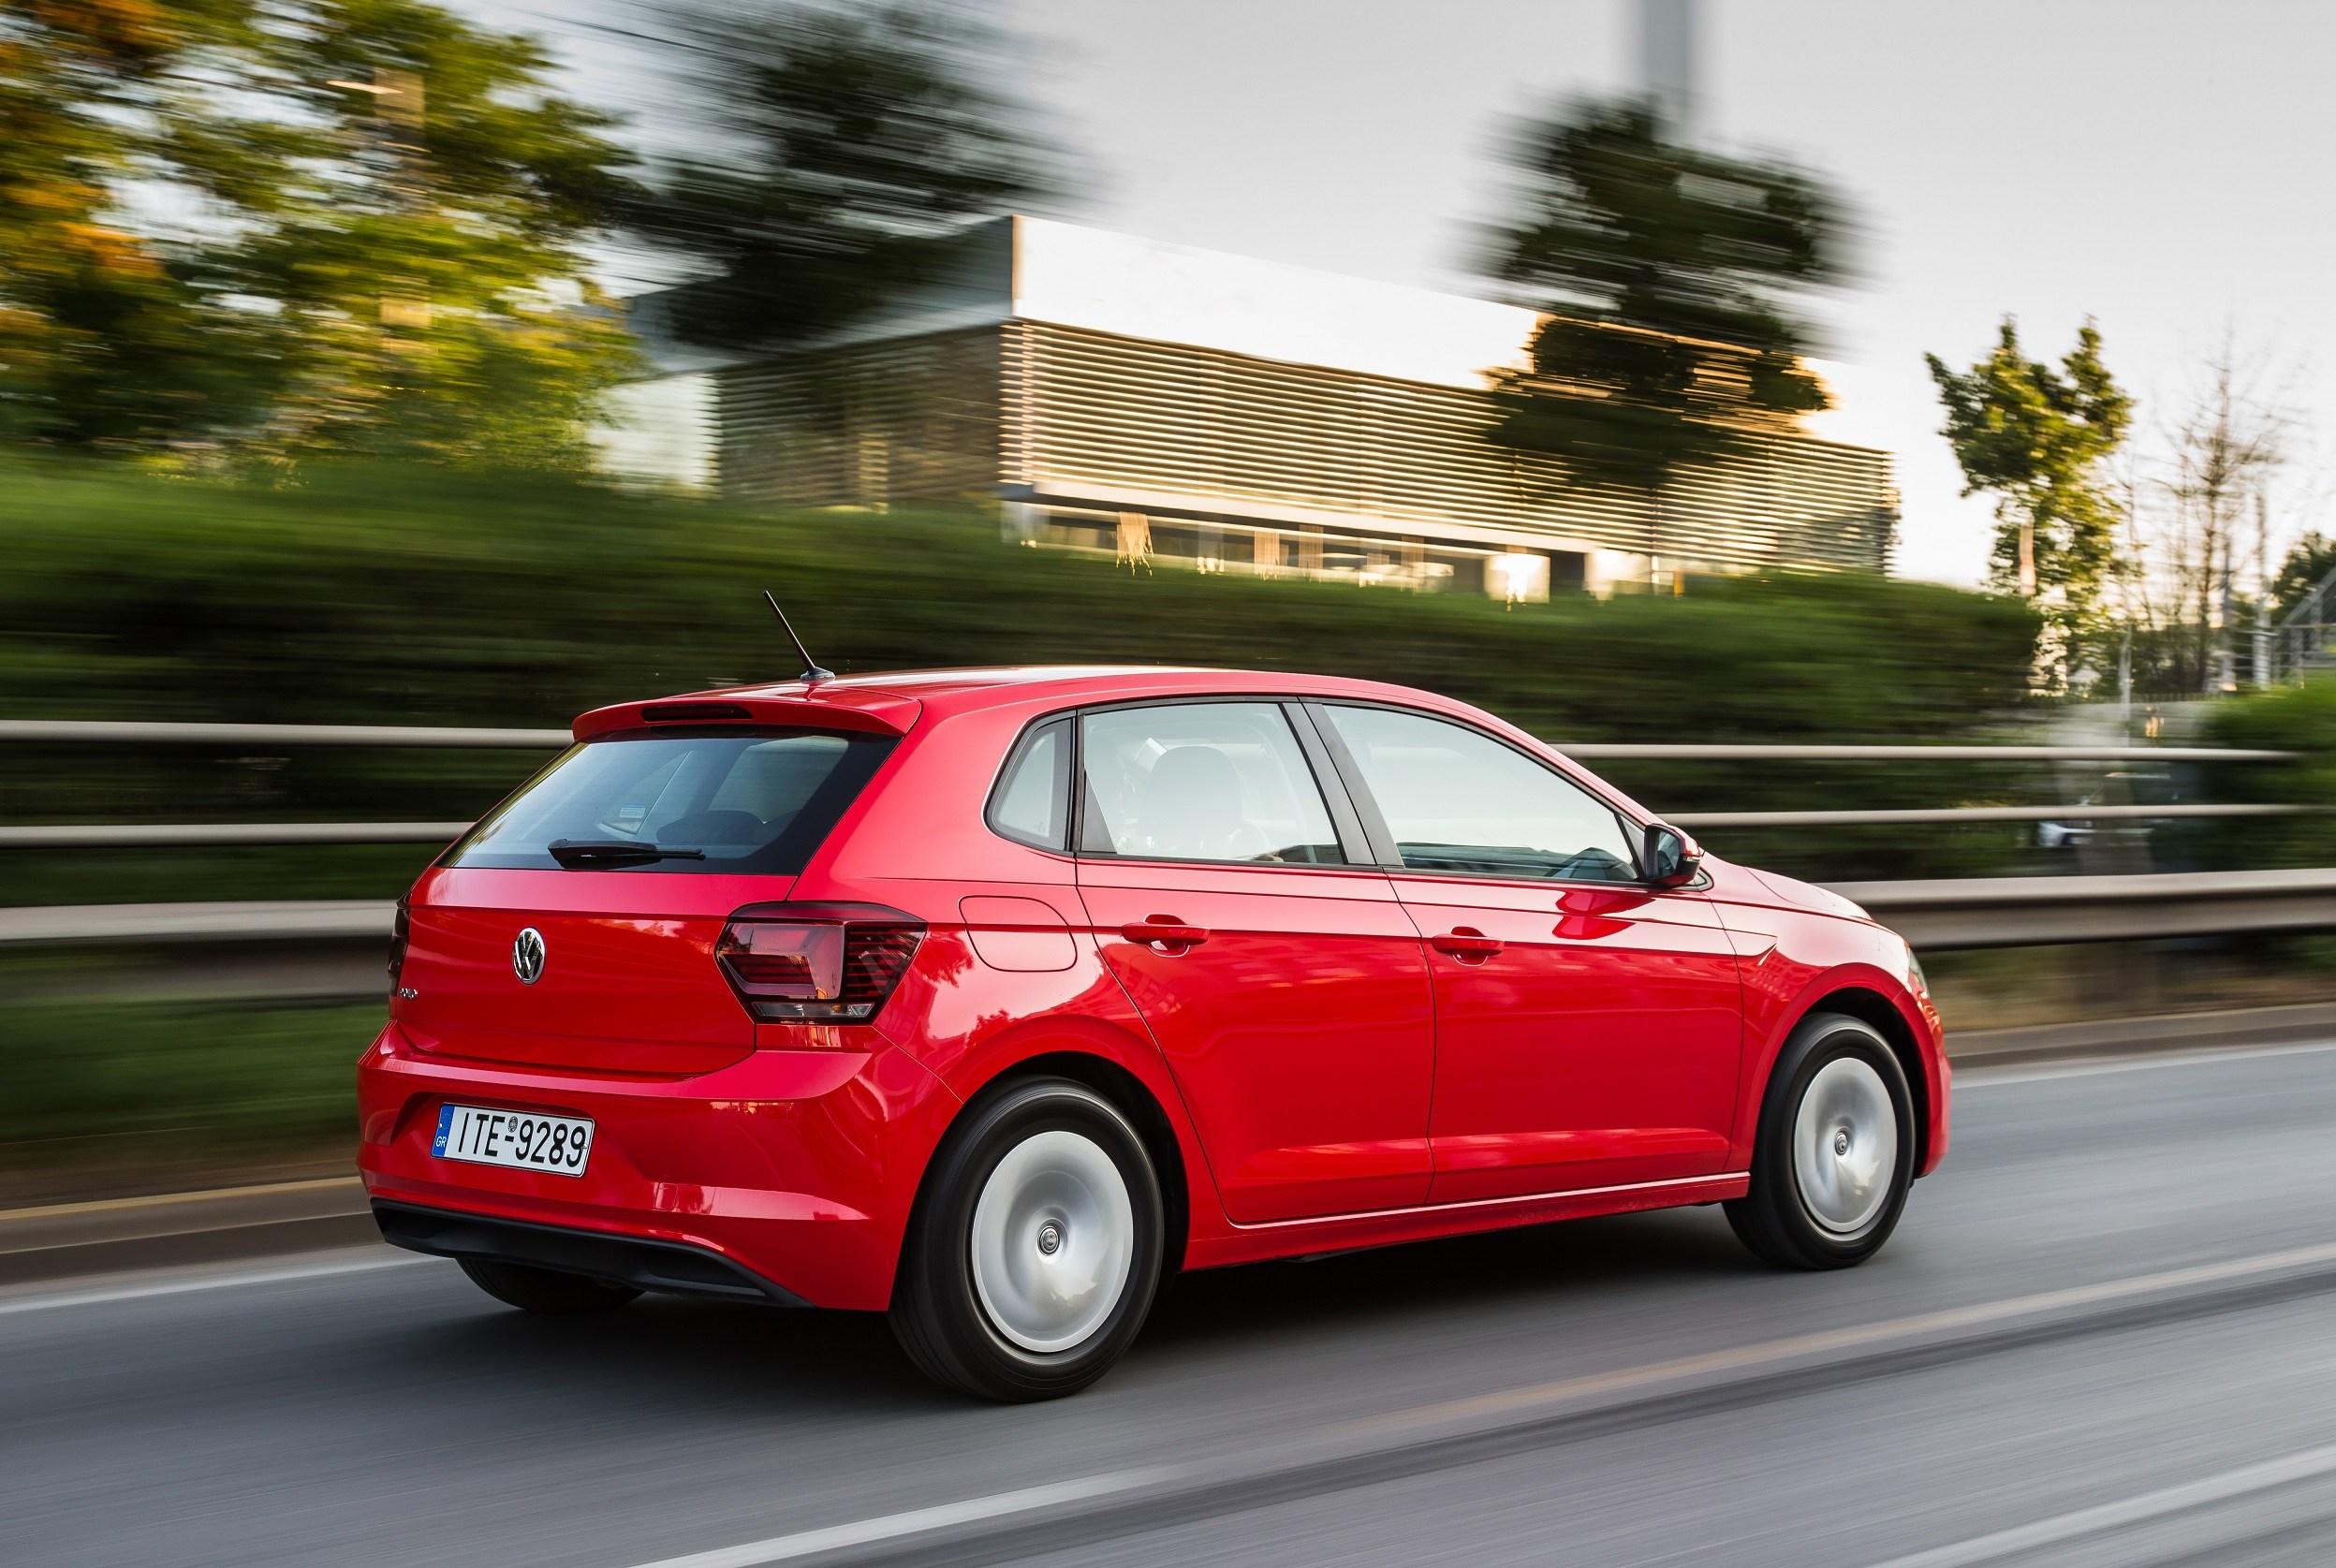 Ποια είναι η νέα τιμή του νέου Volkswagen Polo